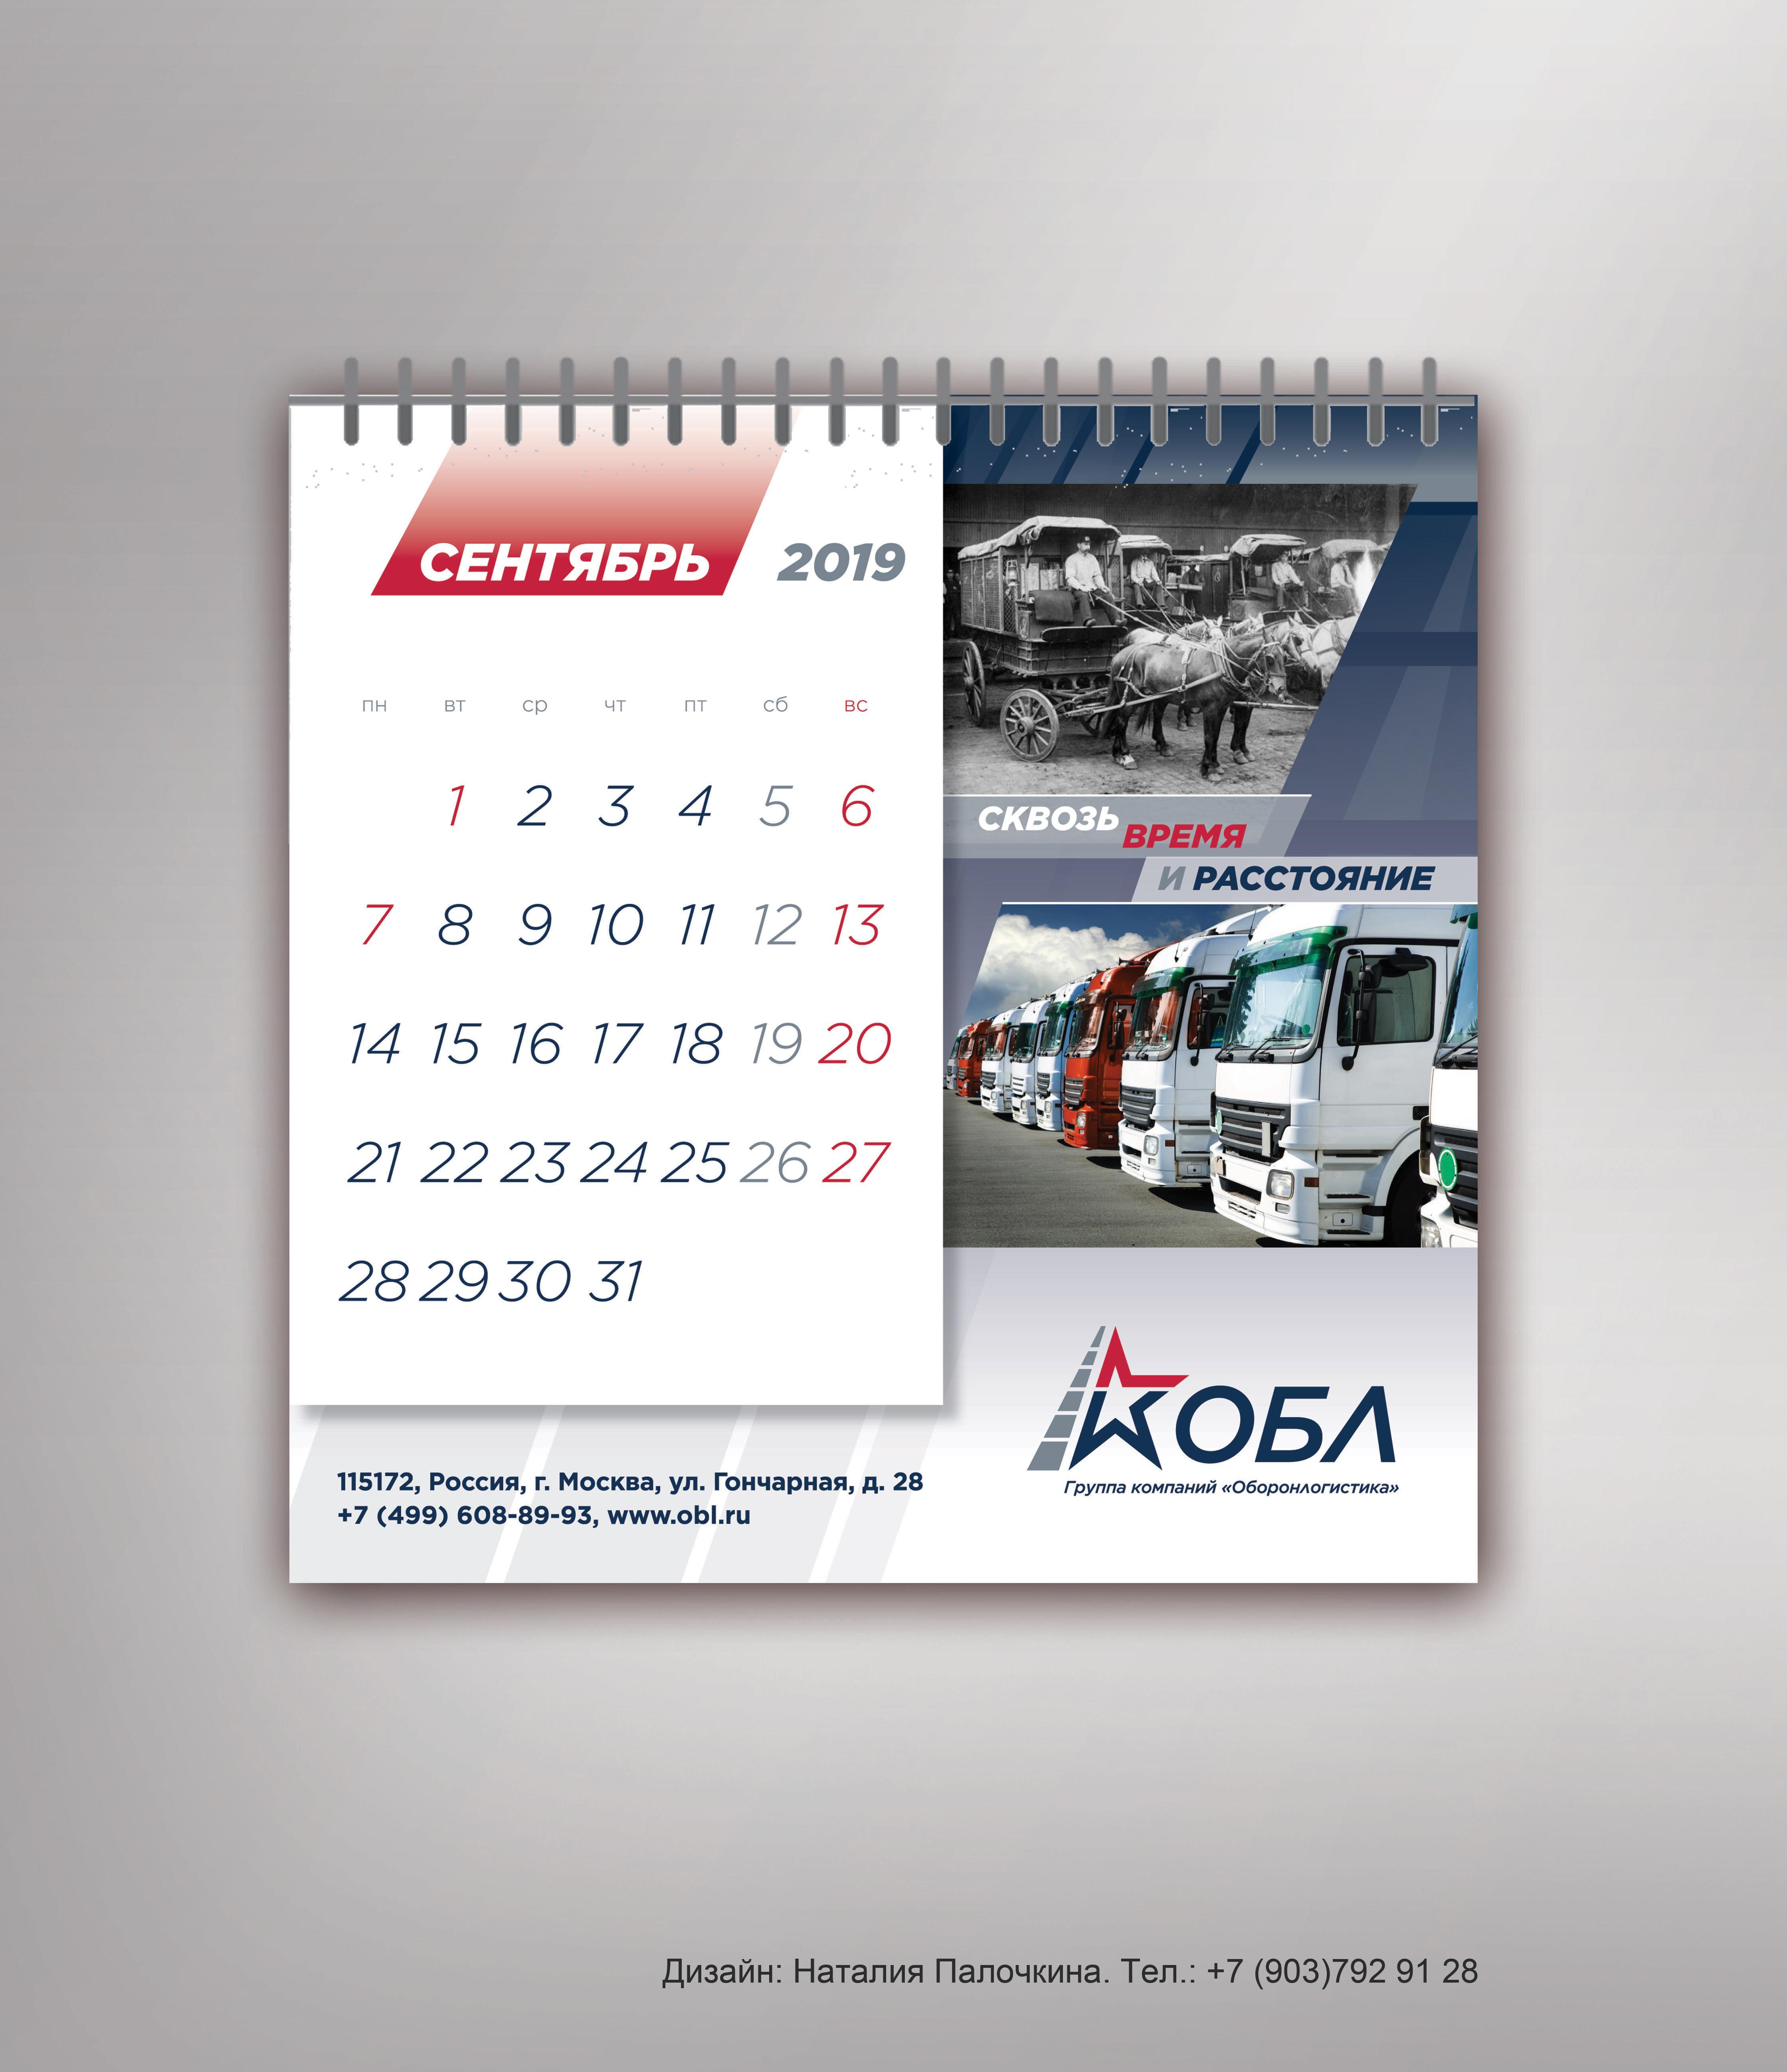 Дизайн корпоративного календаря фото f_7305bed0c21aecf9.jpg